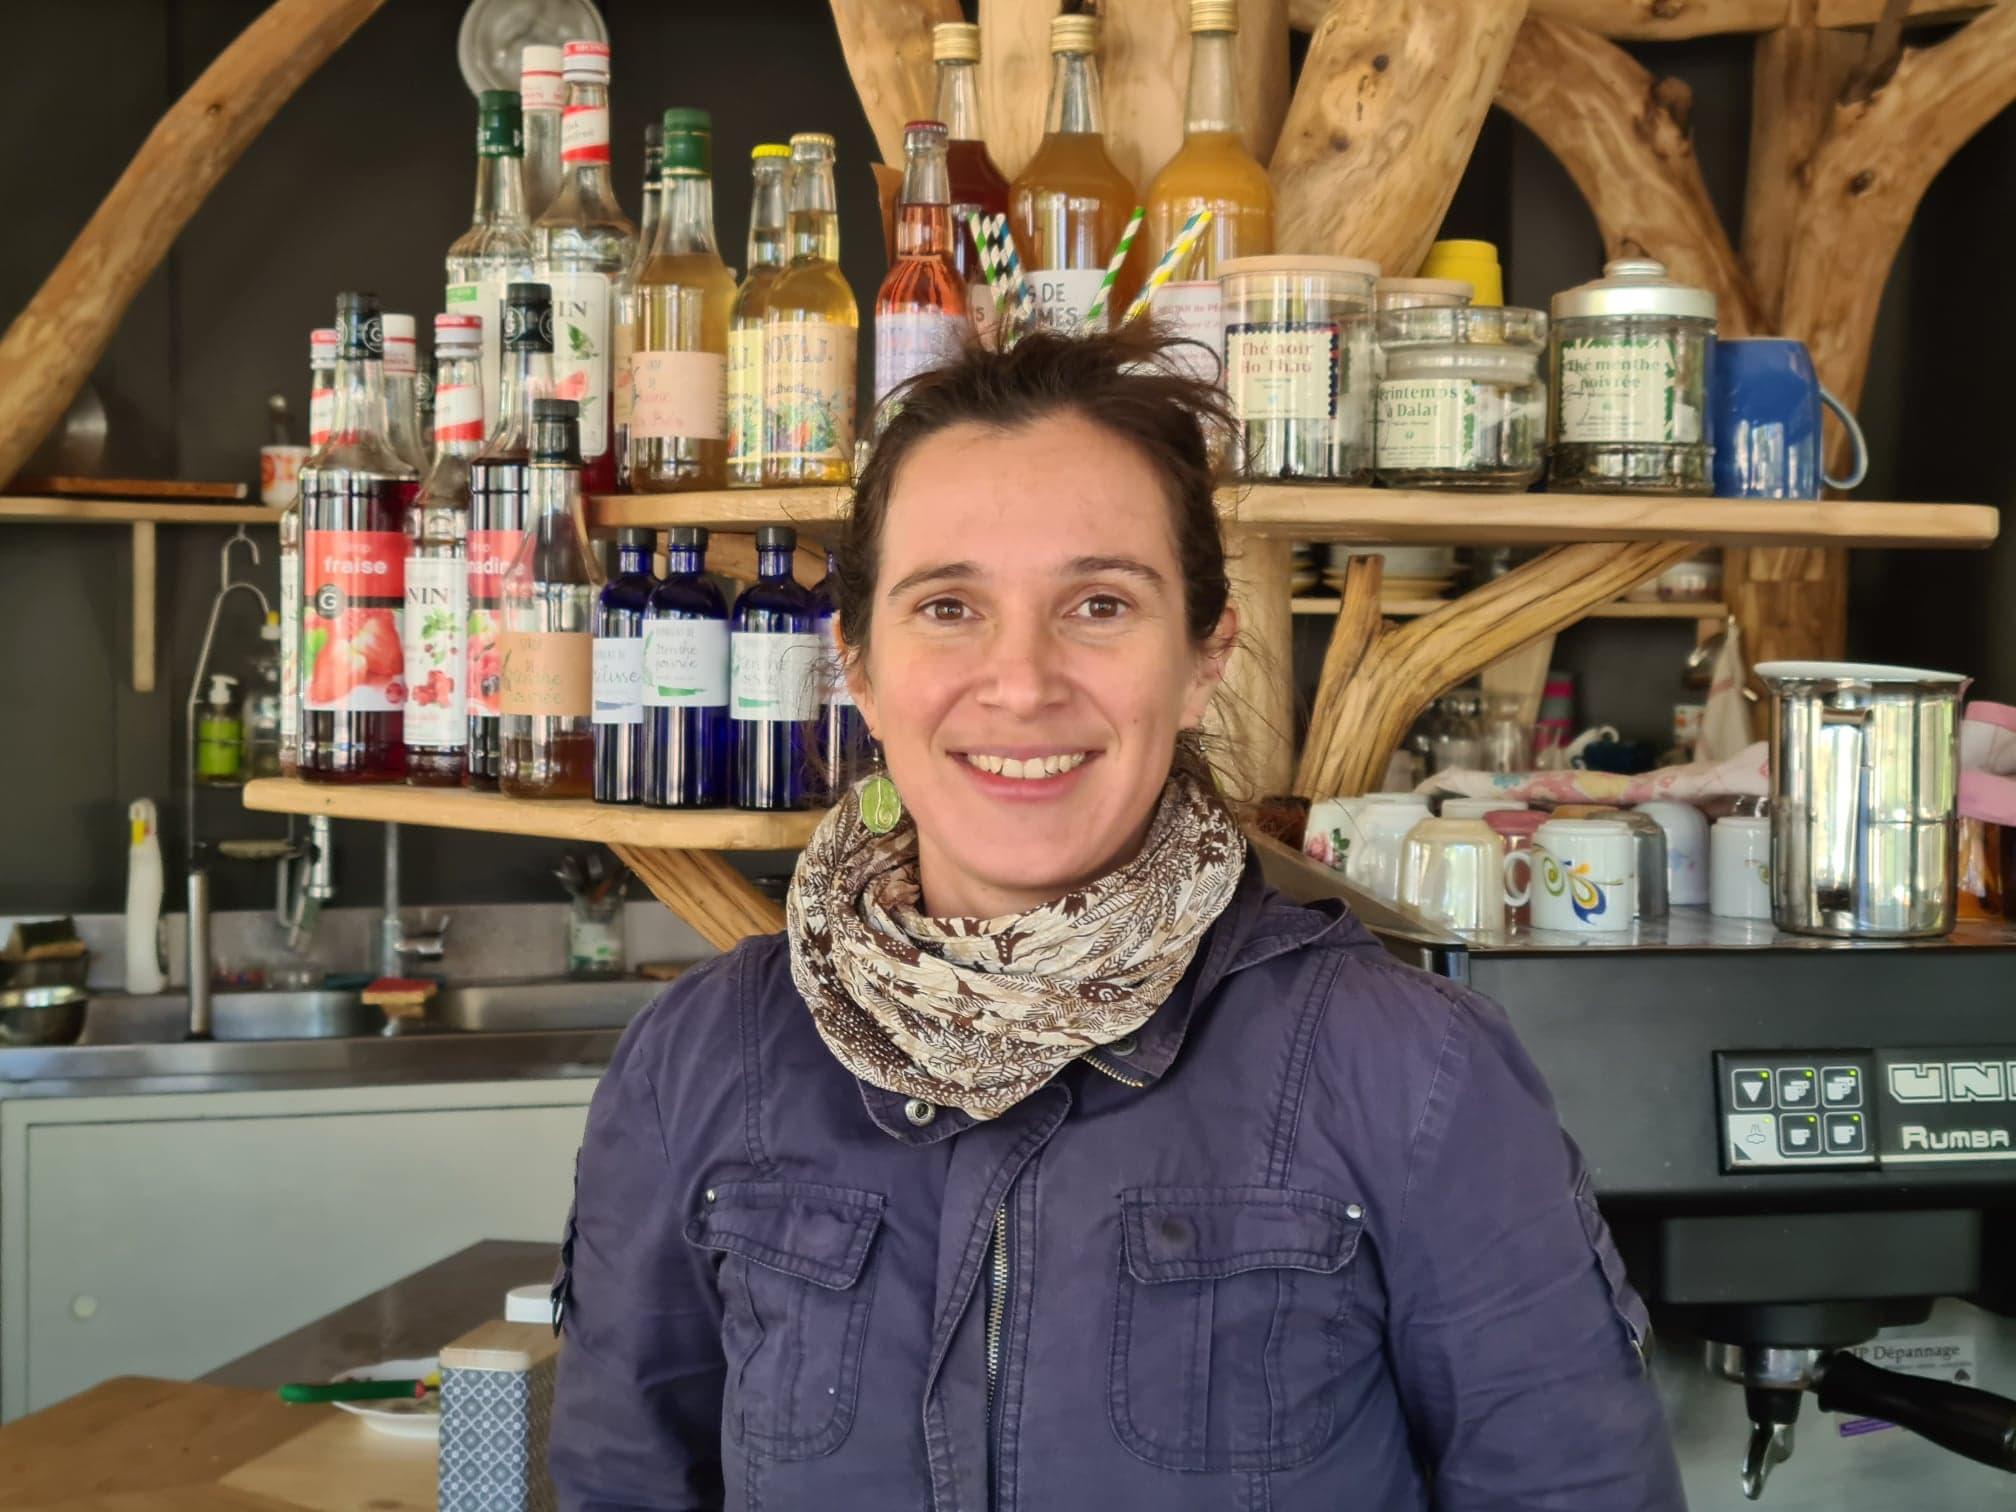 Gabrielle a ouvert en Ardèche une petite restauration appelée La soucoupe. Dans Lunch Box sur la webradio voyage Allô la Planète, elle raconte son goût pour le voyage culinaire local